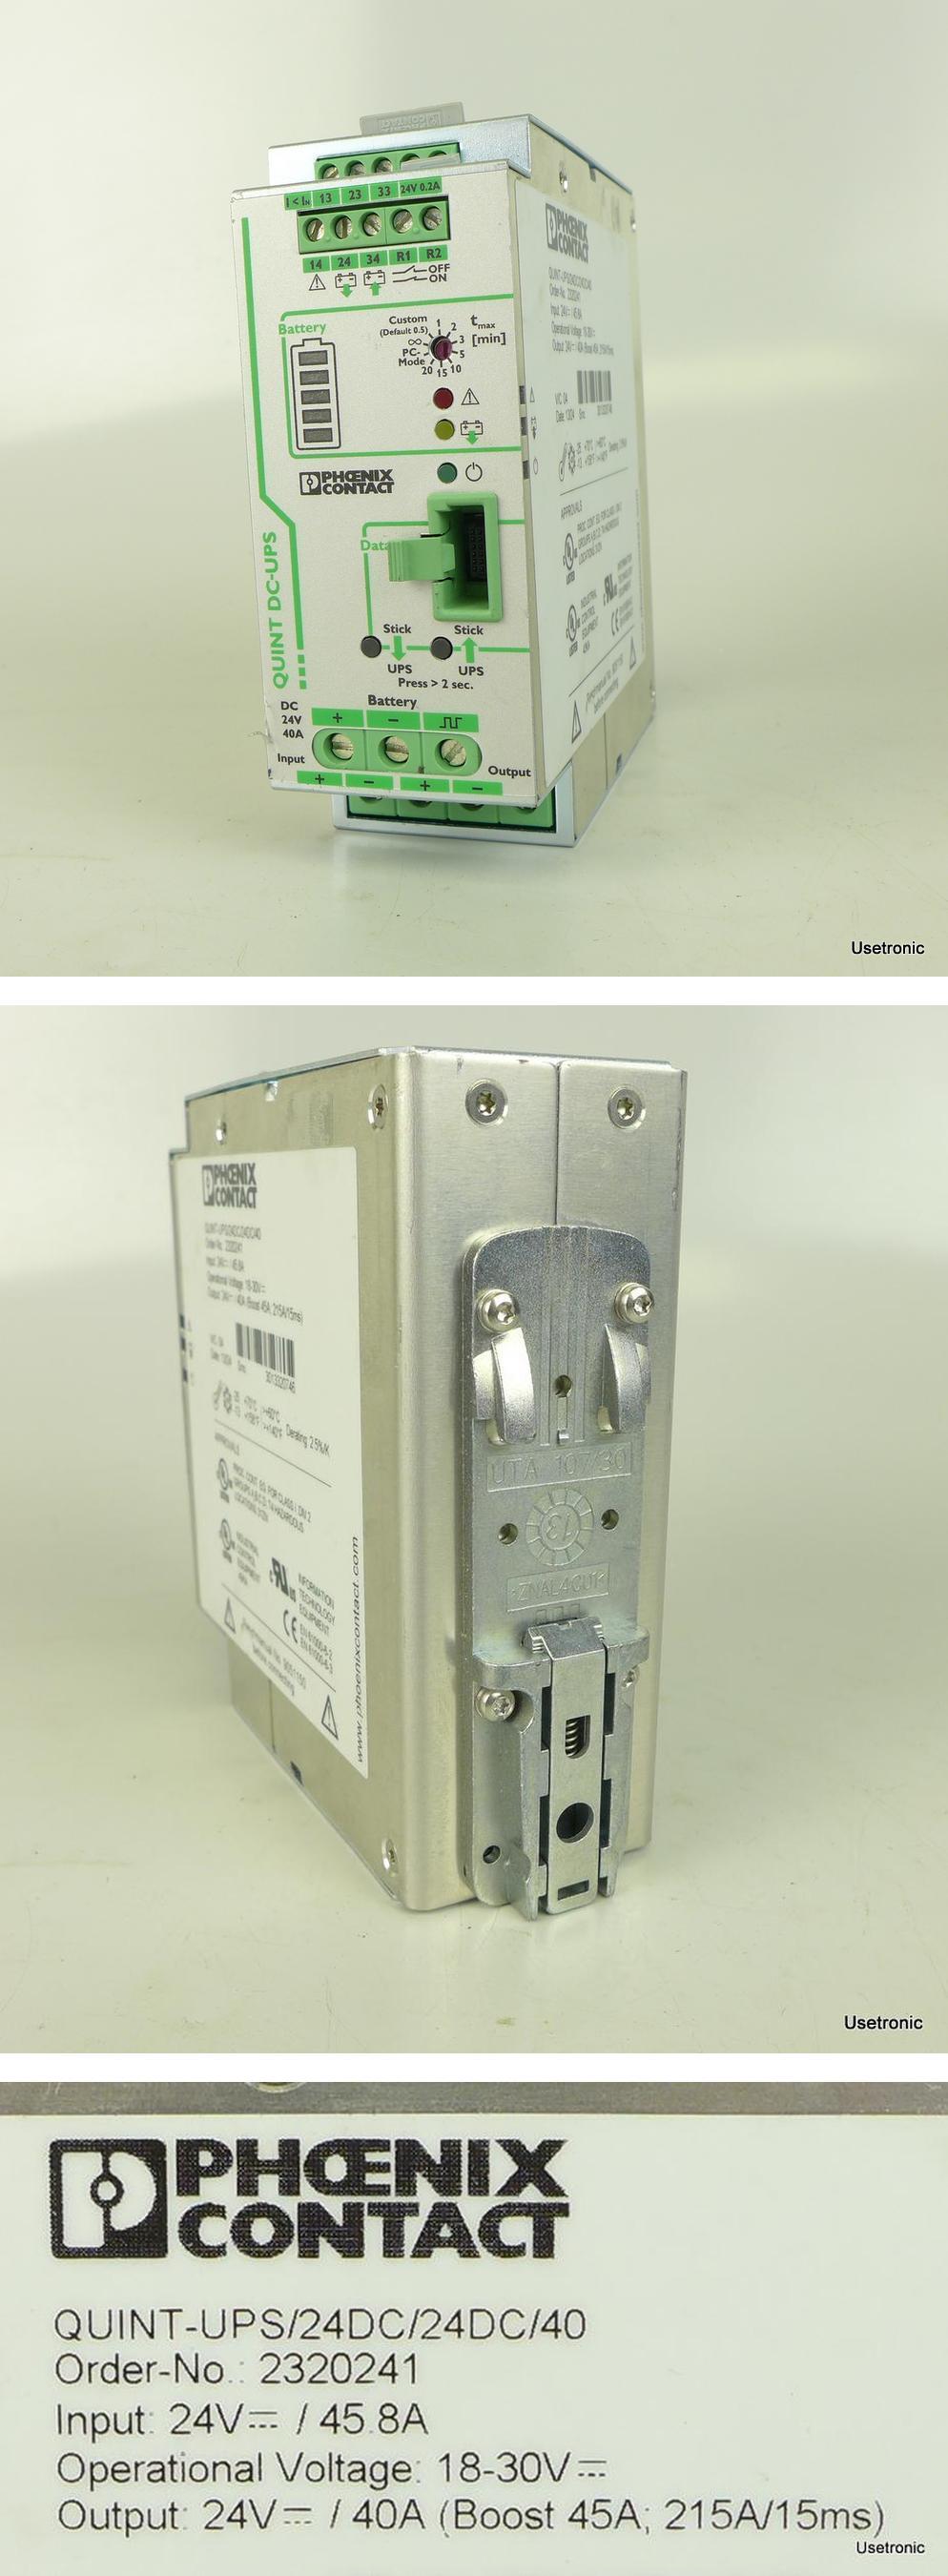 Quint-UPS/24DC/24DC/40 2320241